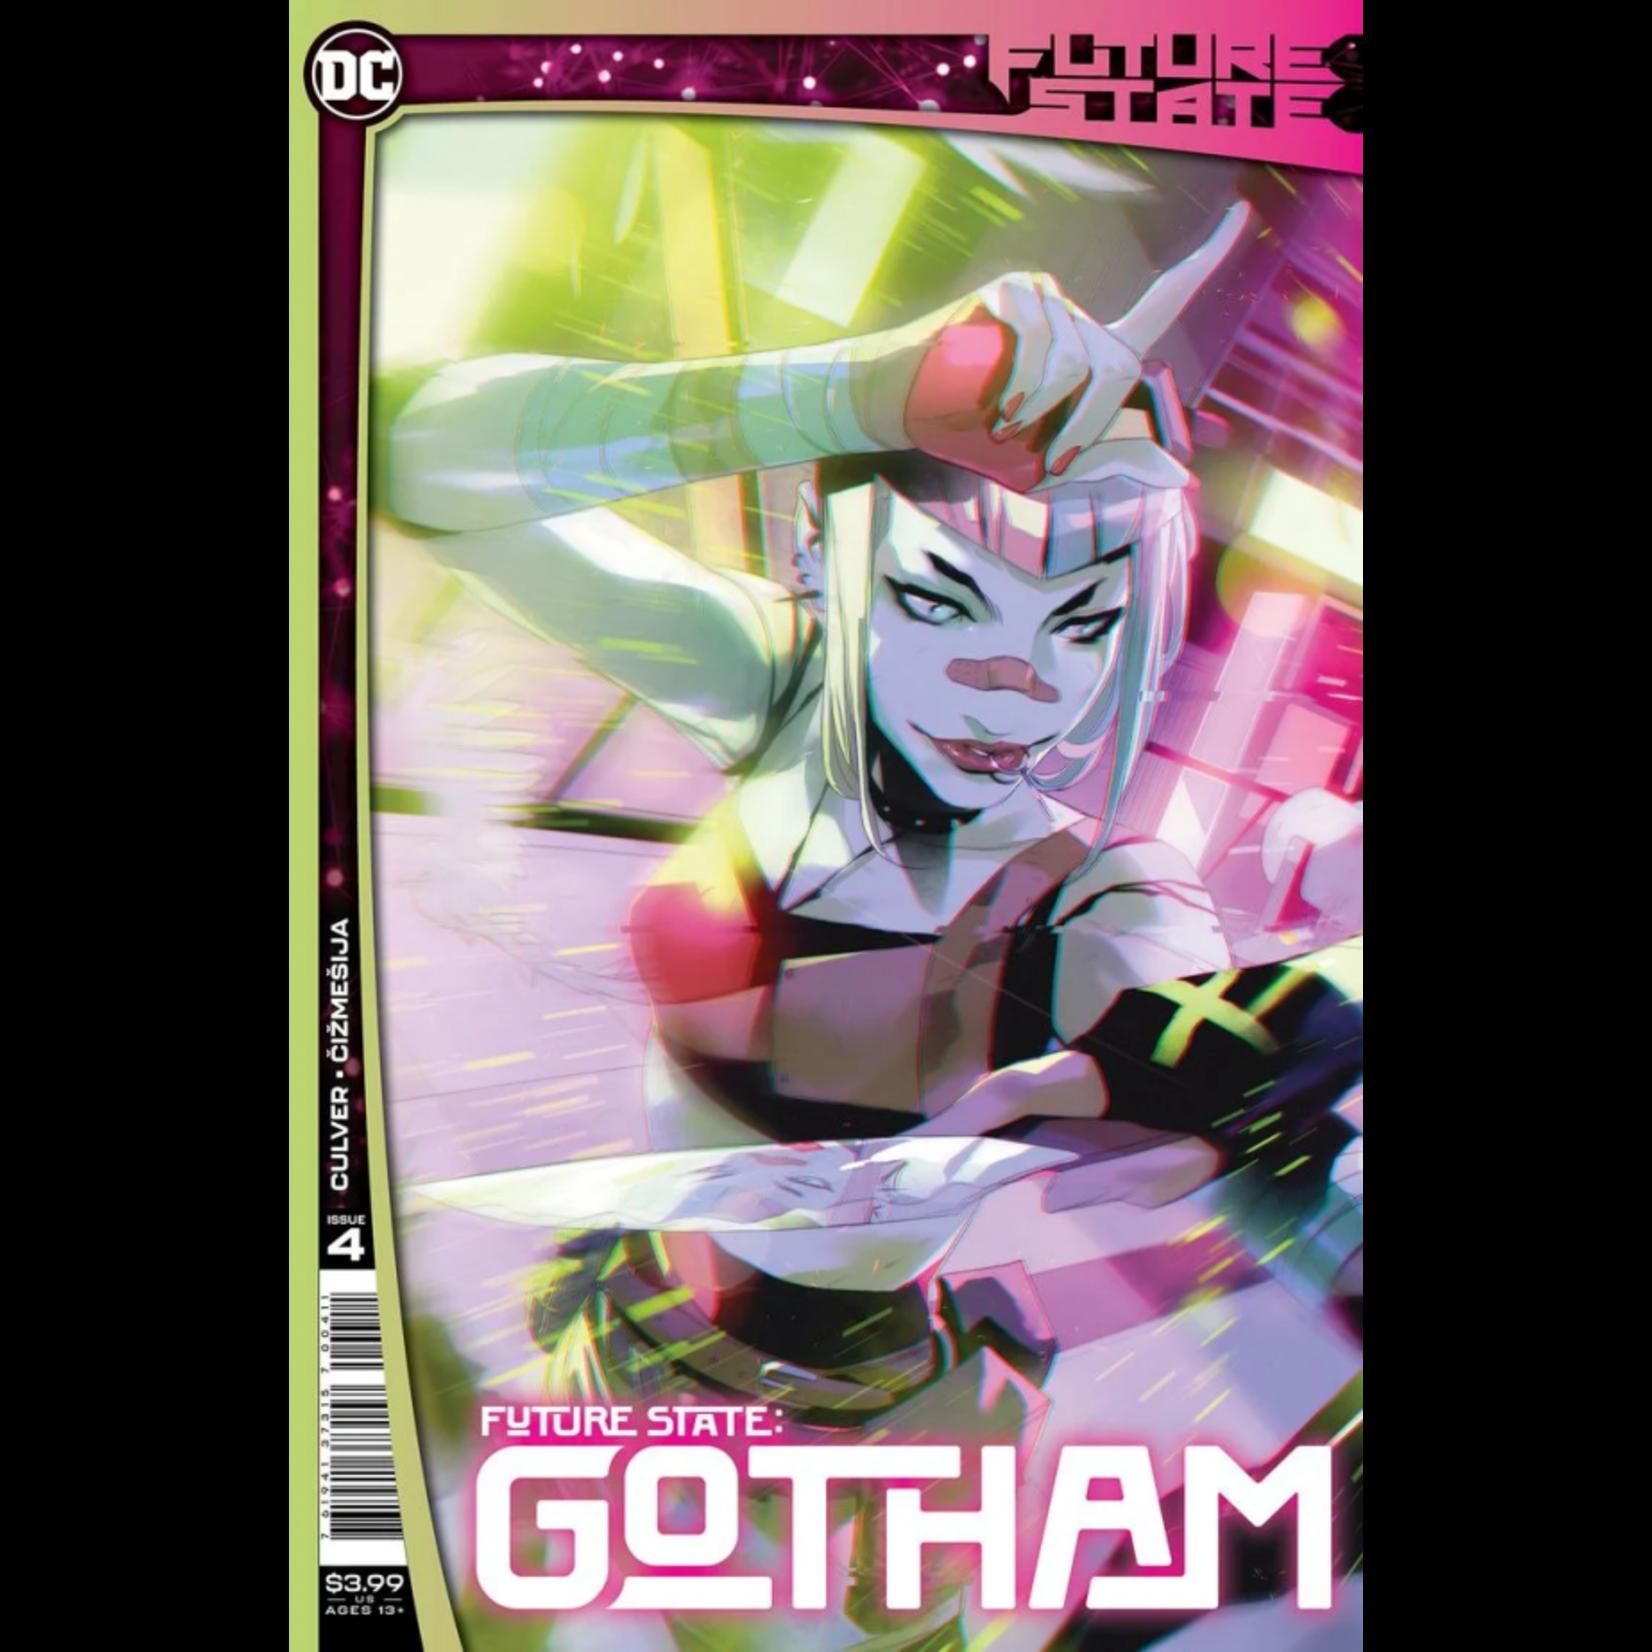 DC Comics Future State : Gotham #4